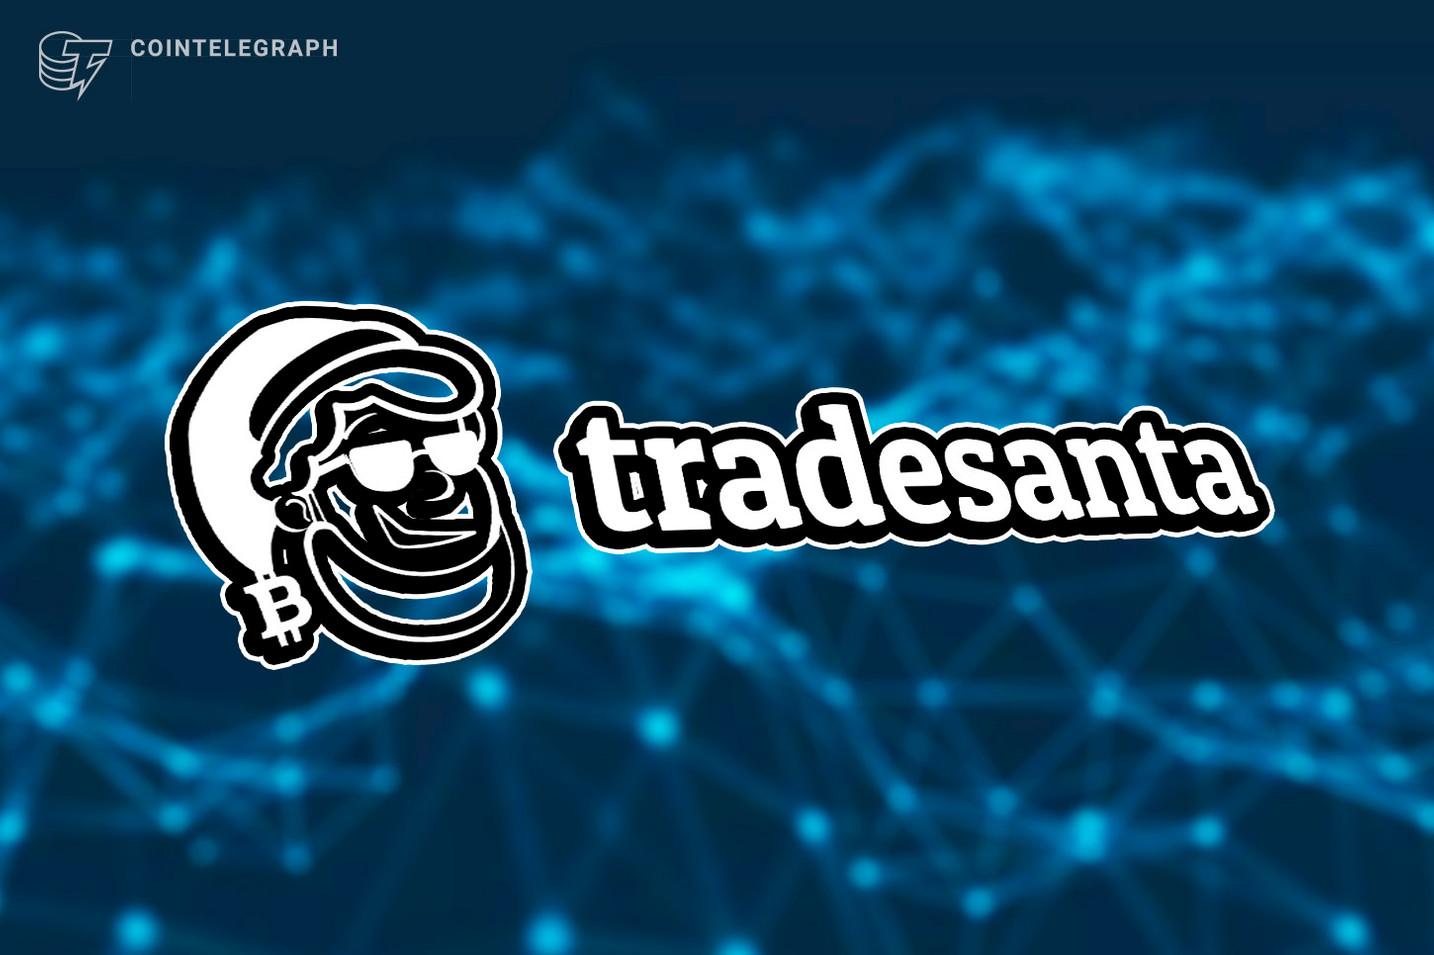 TradeSanta is giving away Christmas gifts